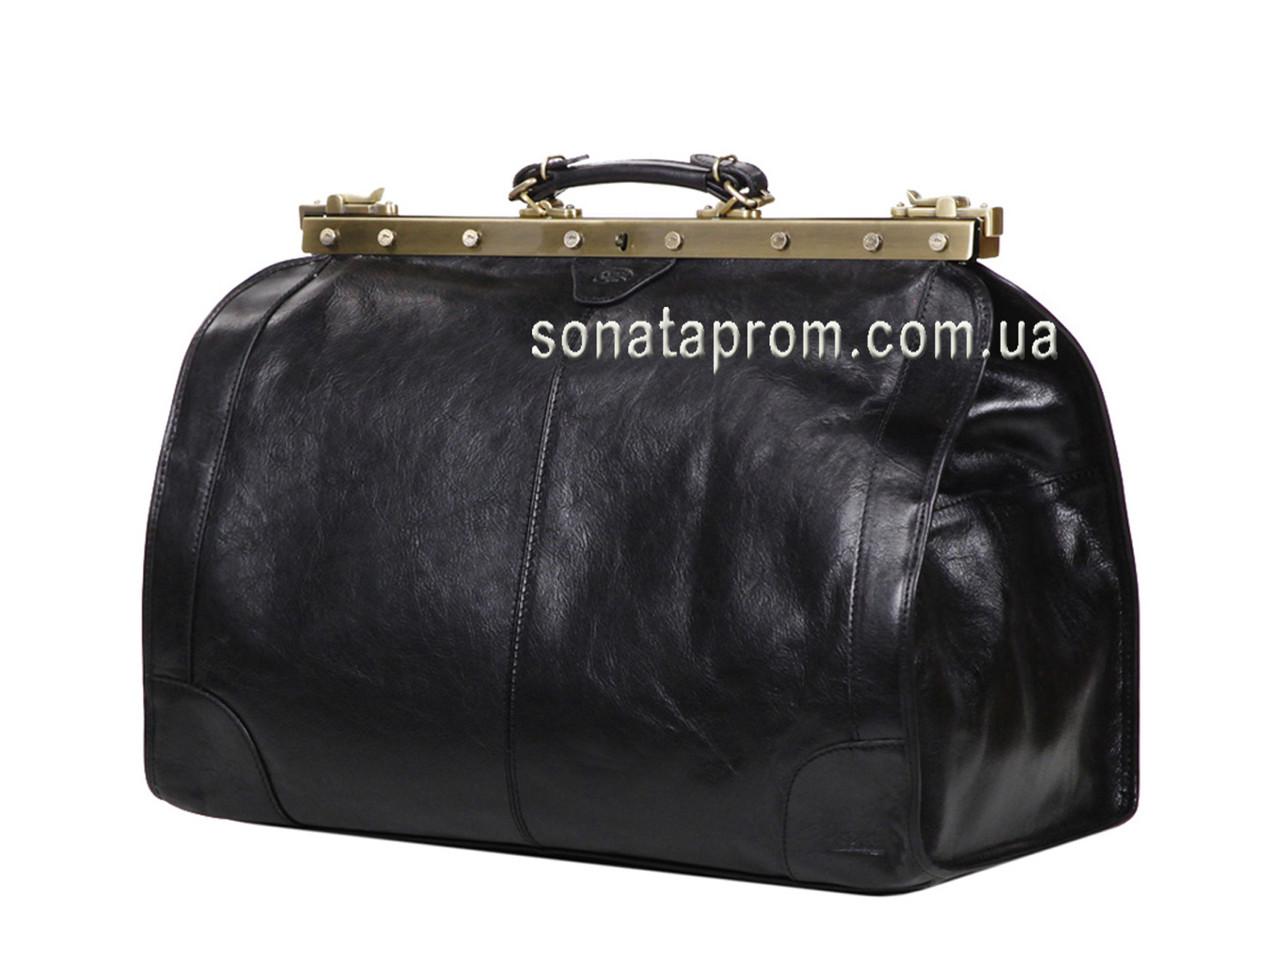 6fc658f0e27f Сумка саквояж Katana 8256 Франция, цена 4 859,10 грн., купить в ...